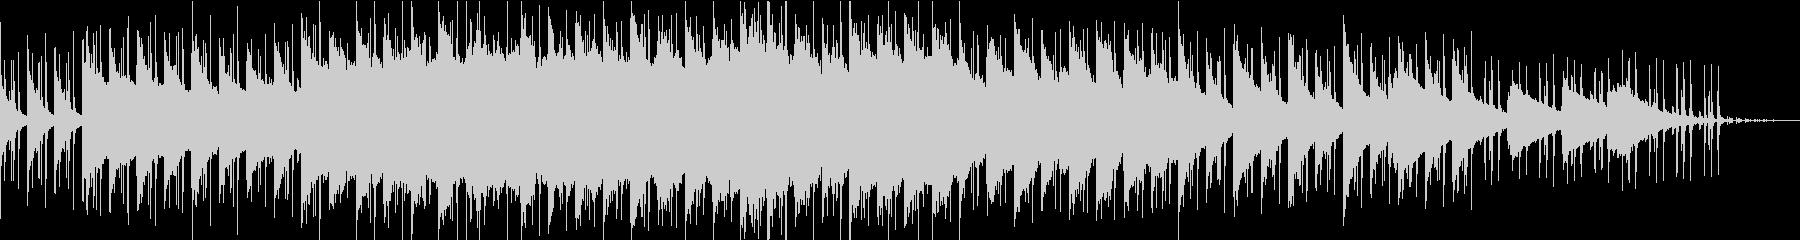 緩めのエレクトロ曲の未再生の波形